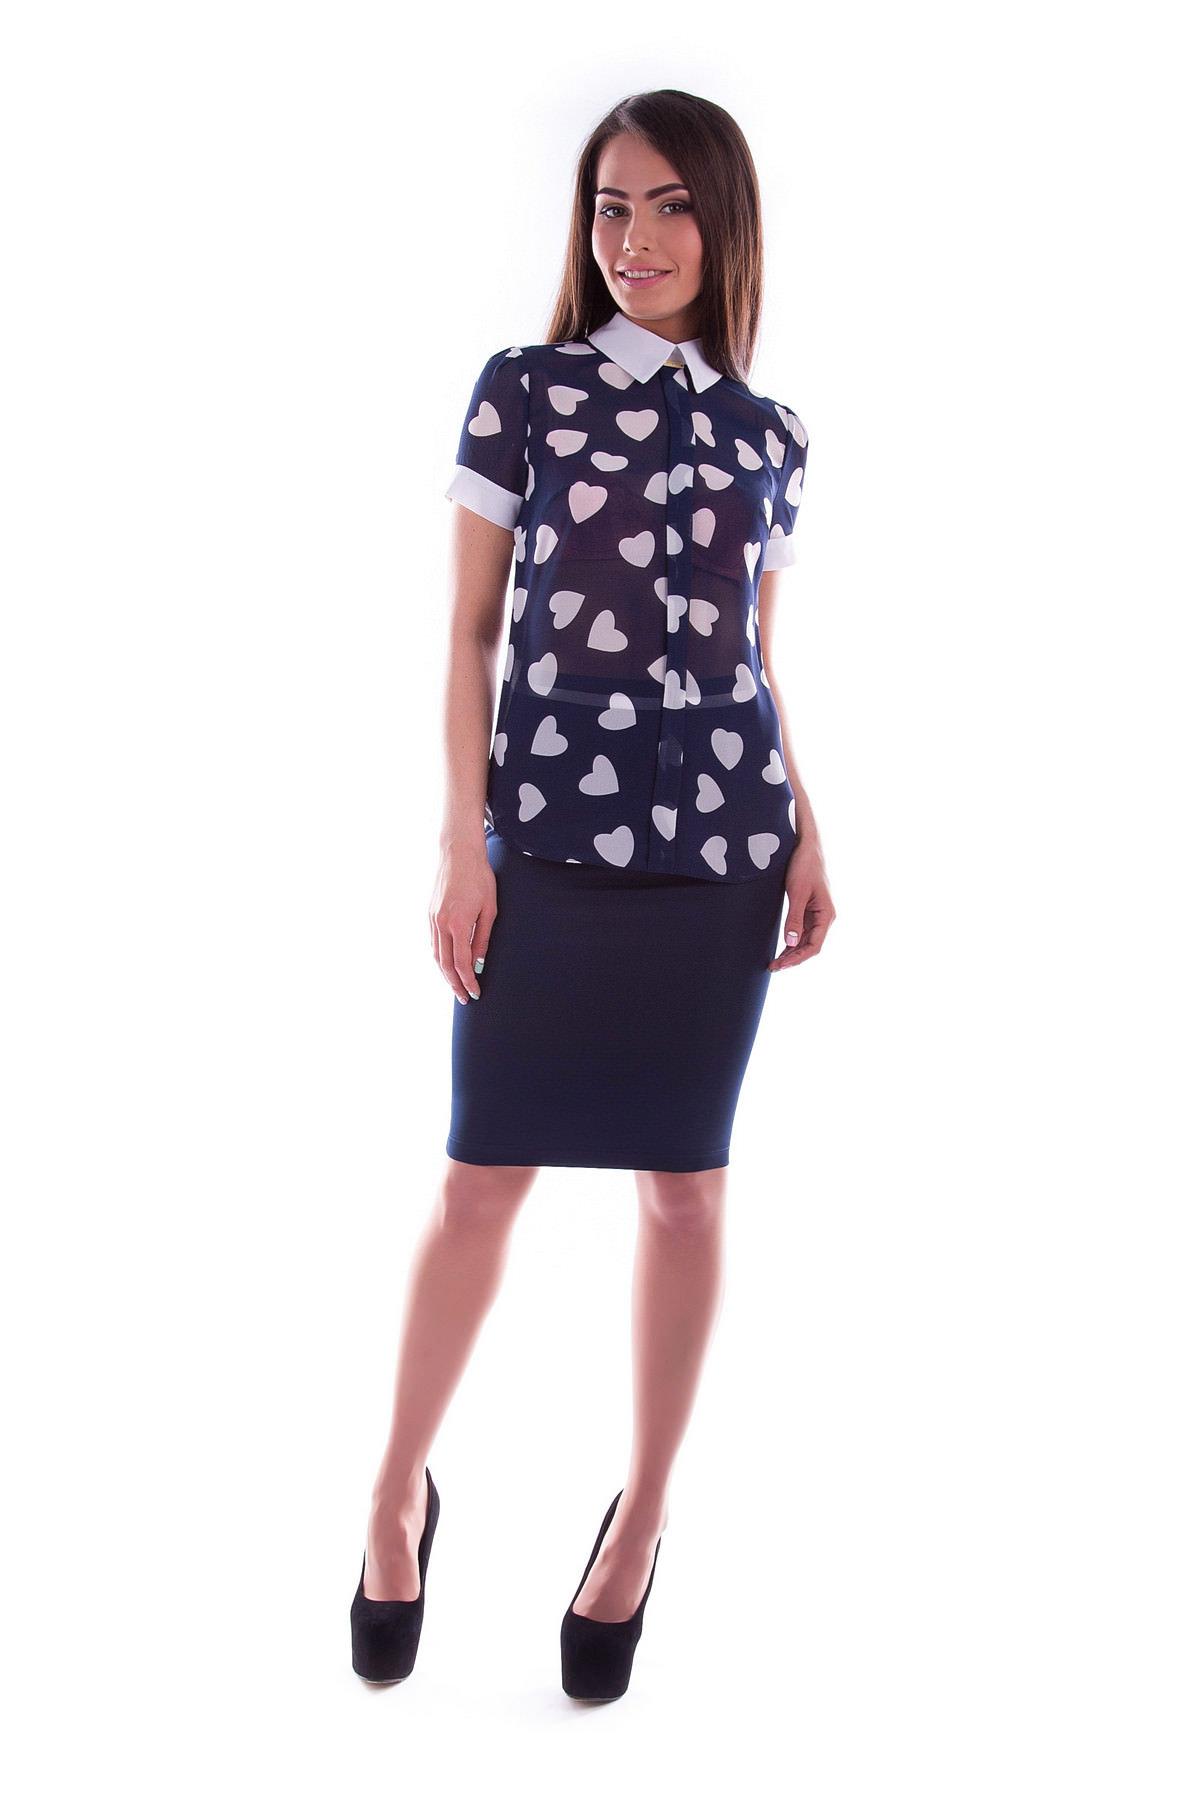 Женские блузки оптом от производителя Блуза Lips шифон принт к/р